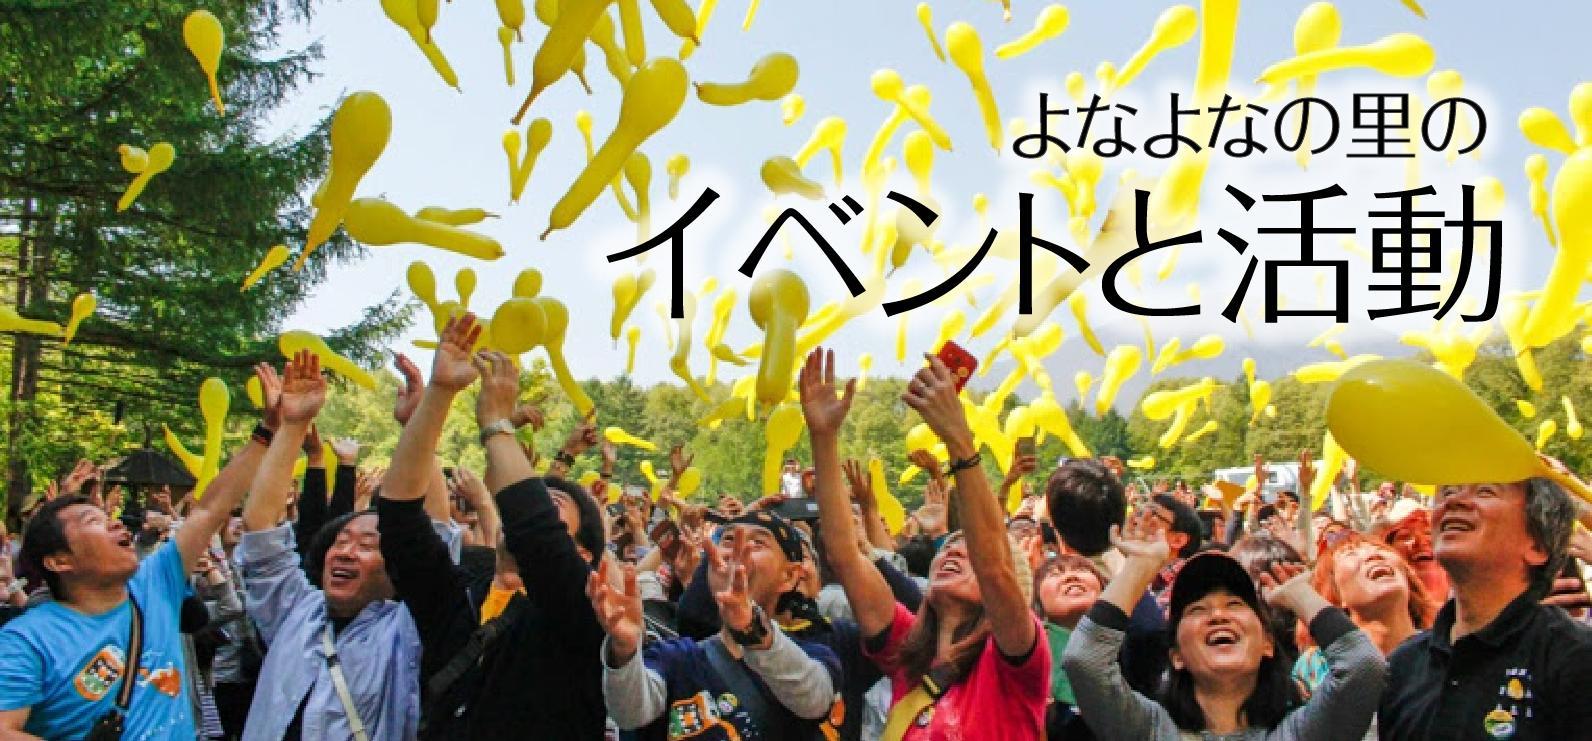 よな里の活動&イベント_キービジュアル